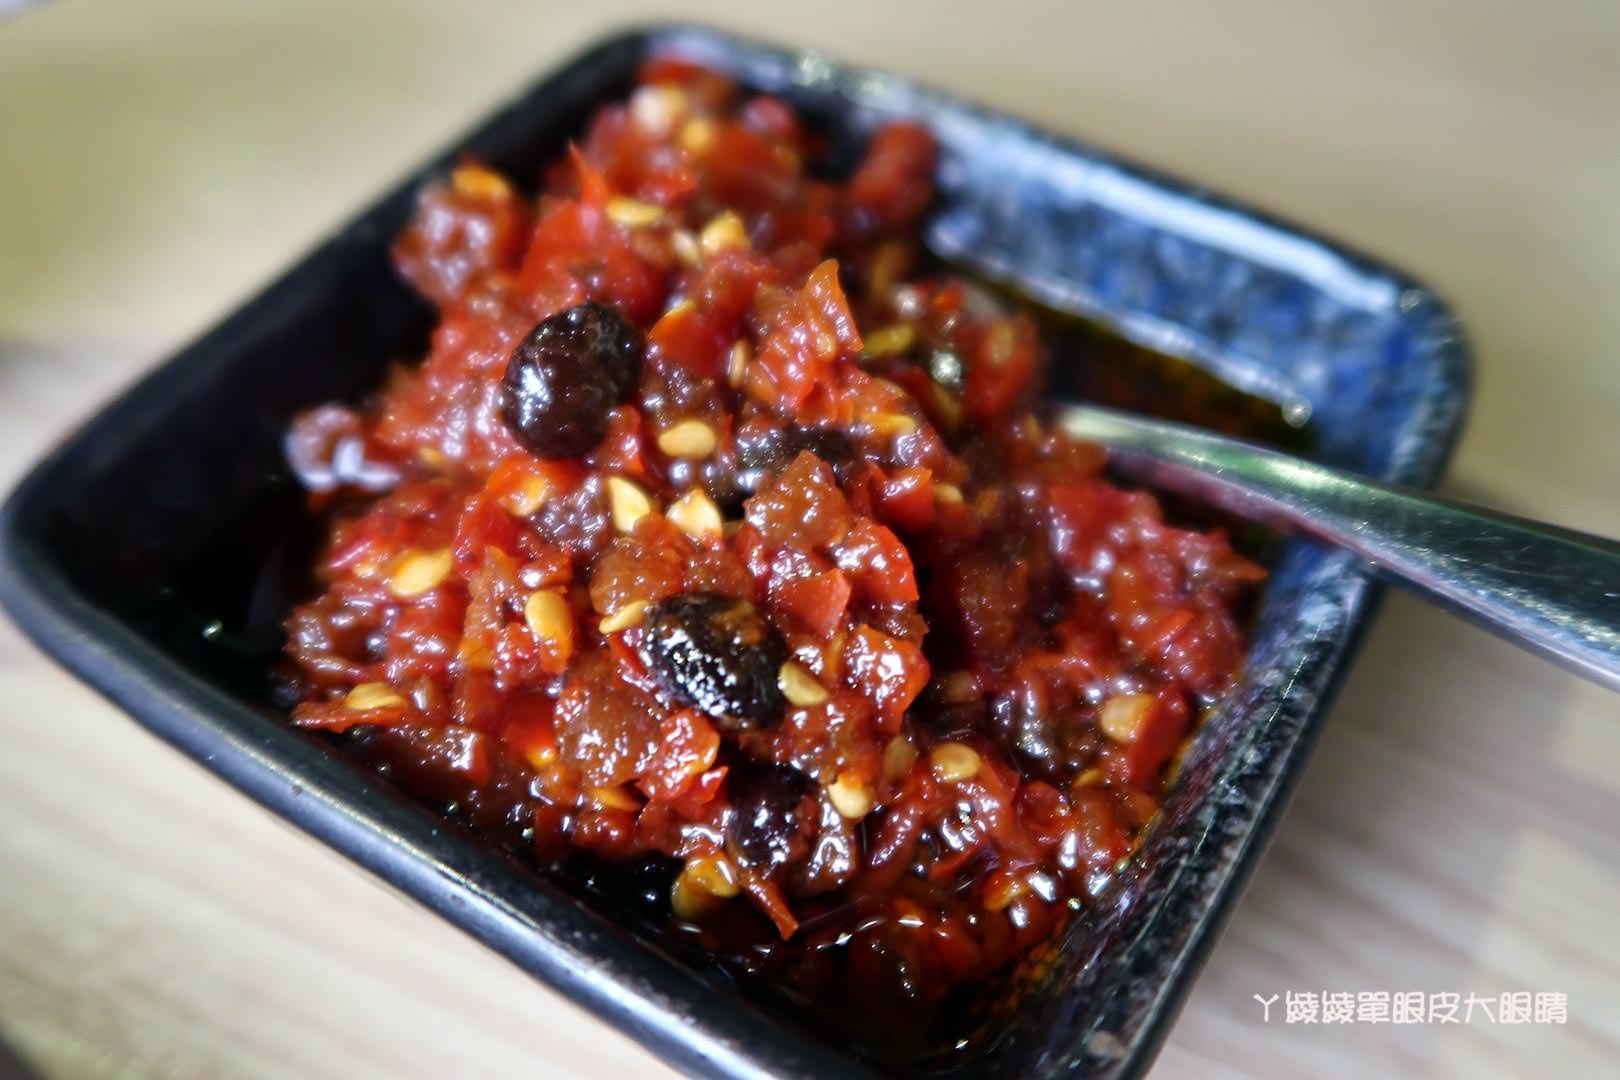 台中西區公益路美食,正月初一新台灣料理!過年圍爐家常料理餐廳